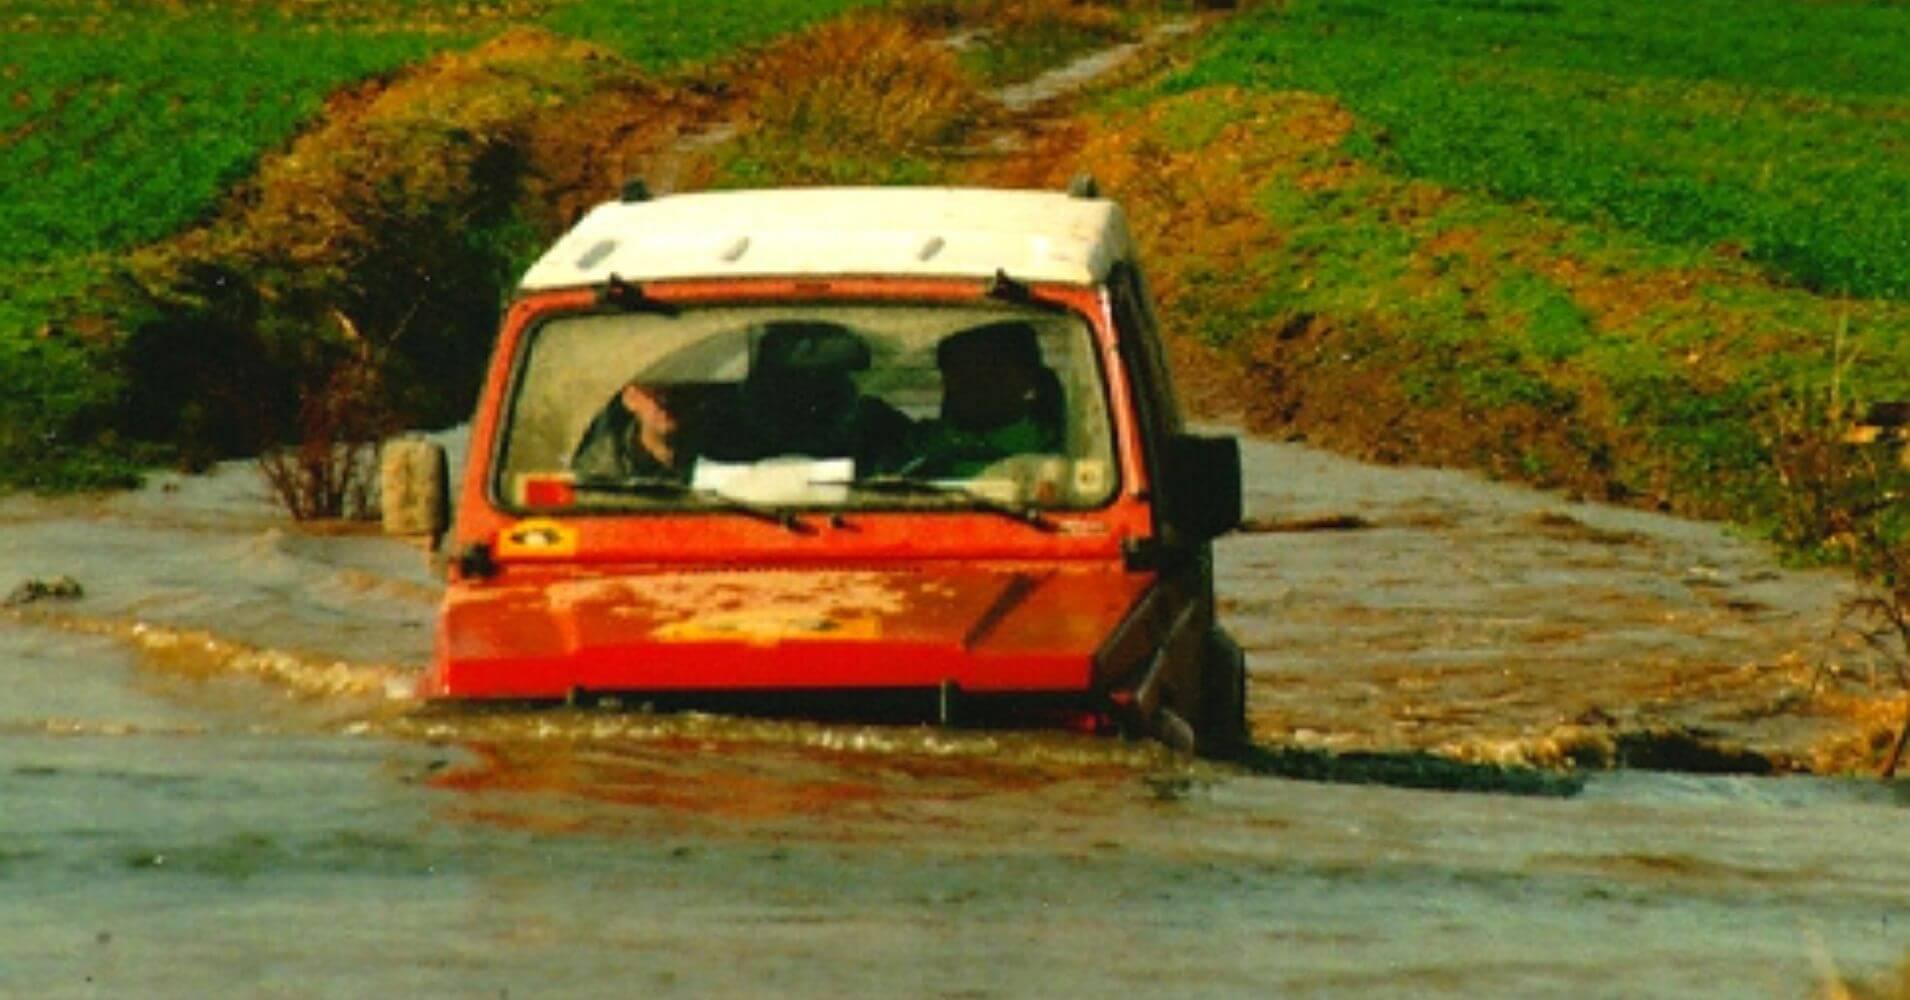 Suzuki Vadeando Río. Rutas 4X4 en España.